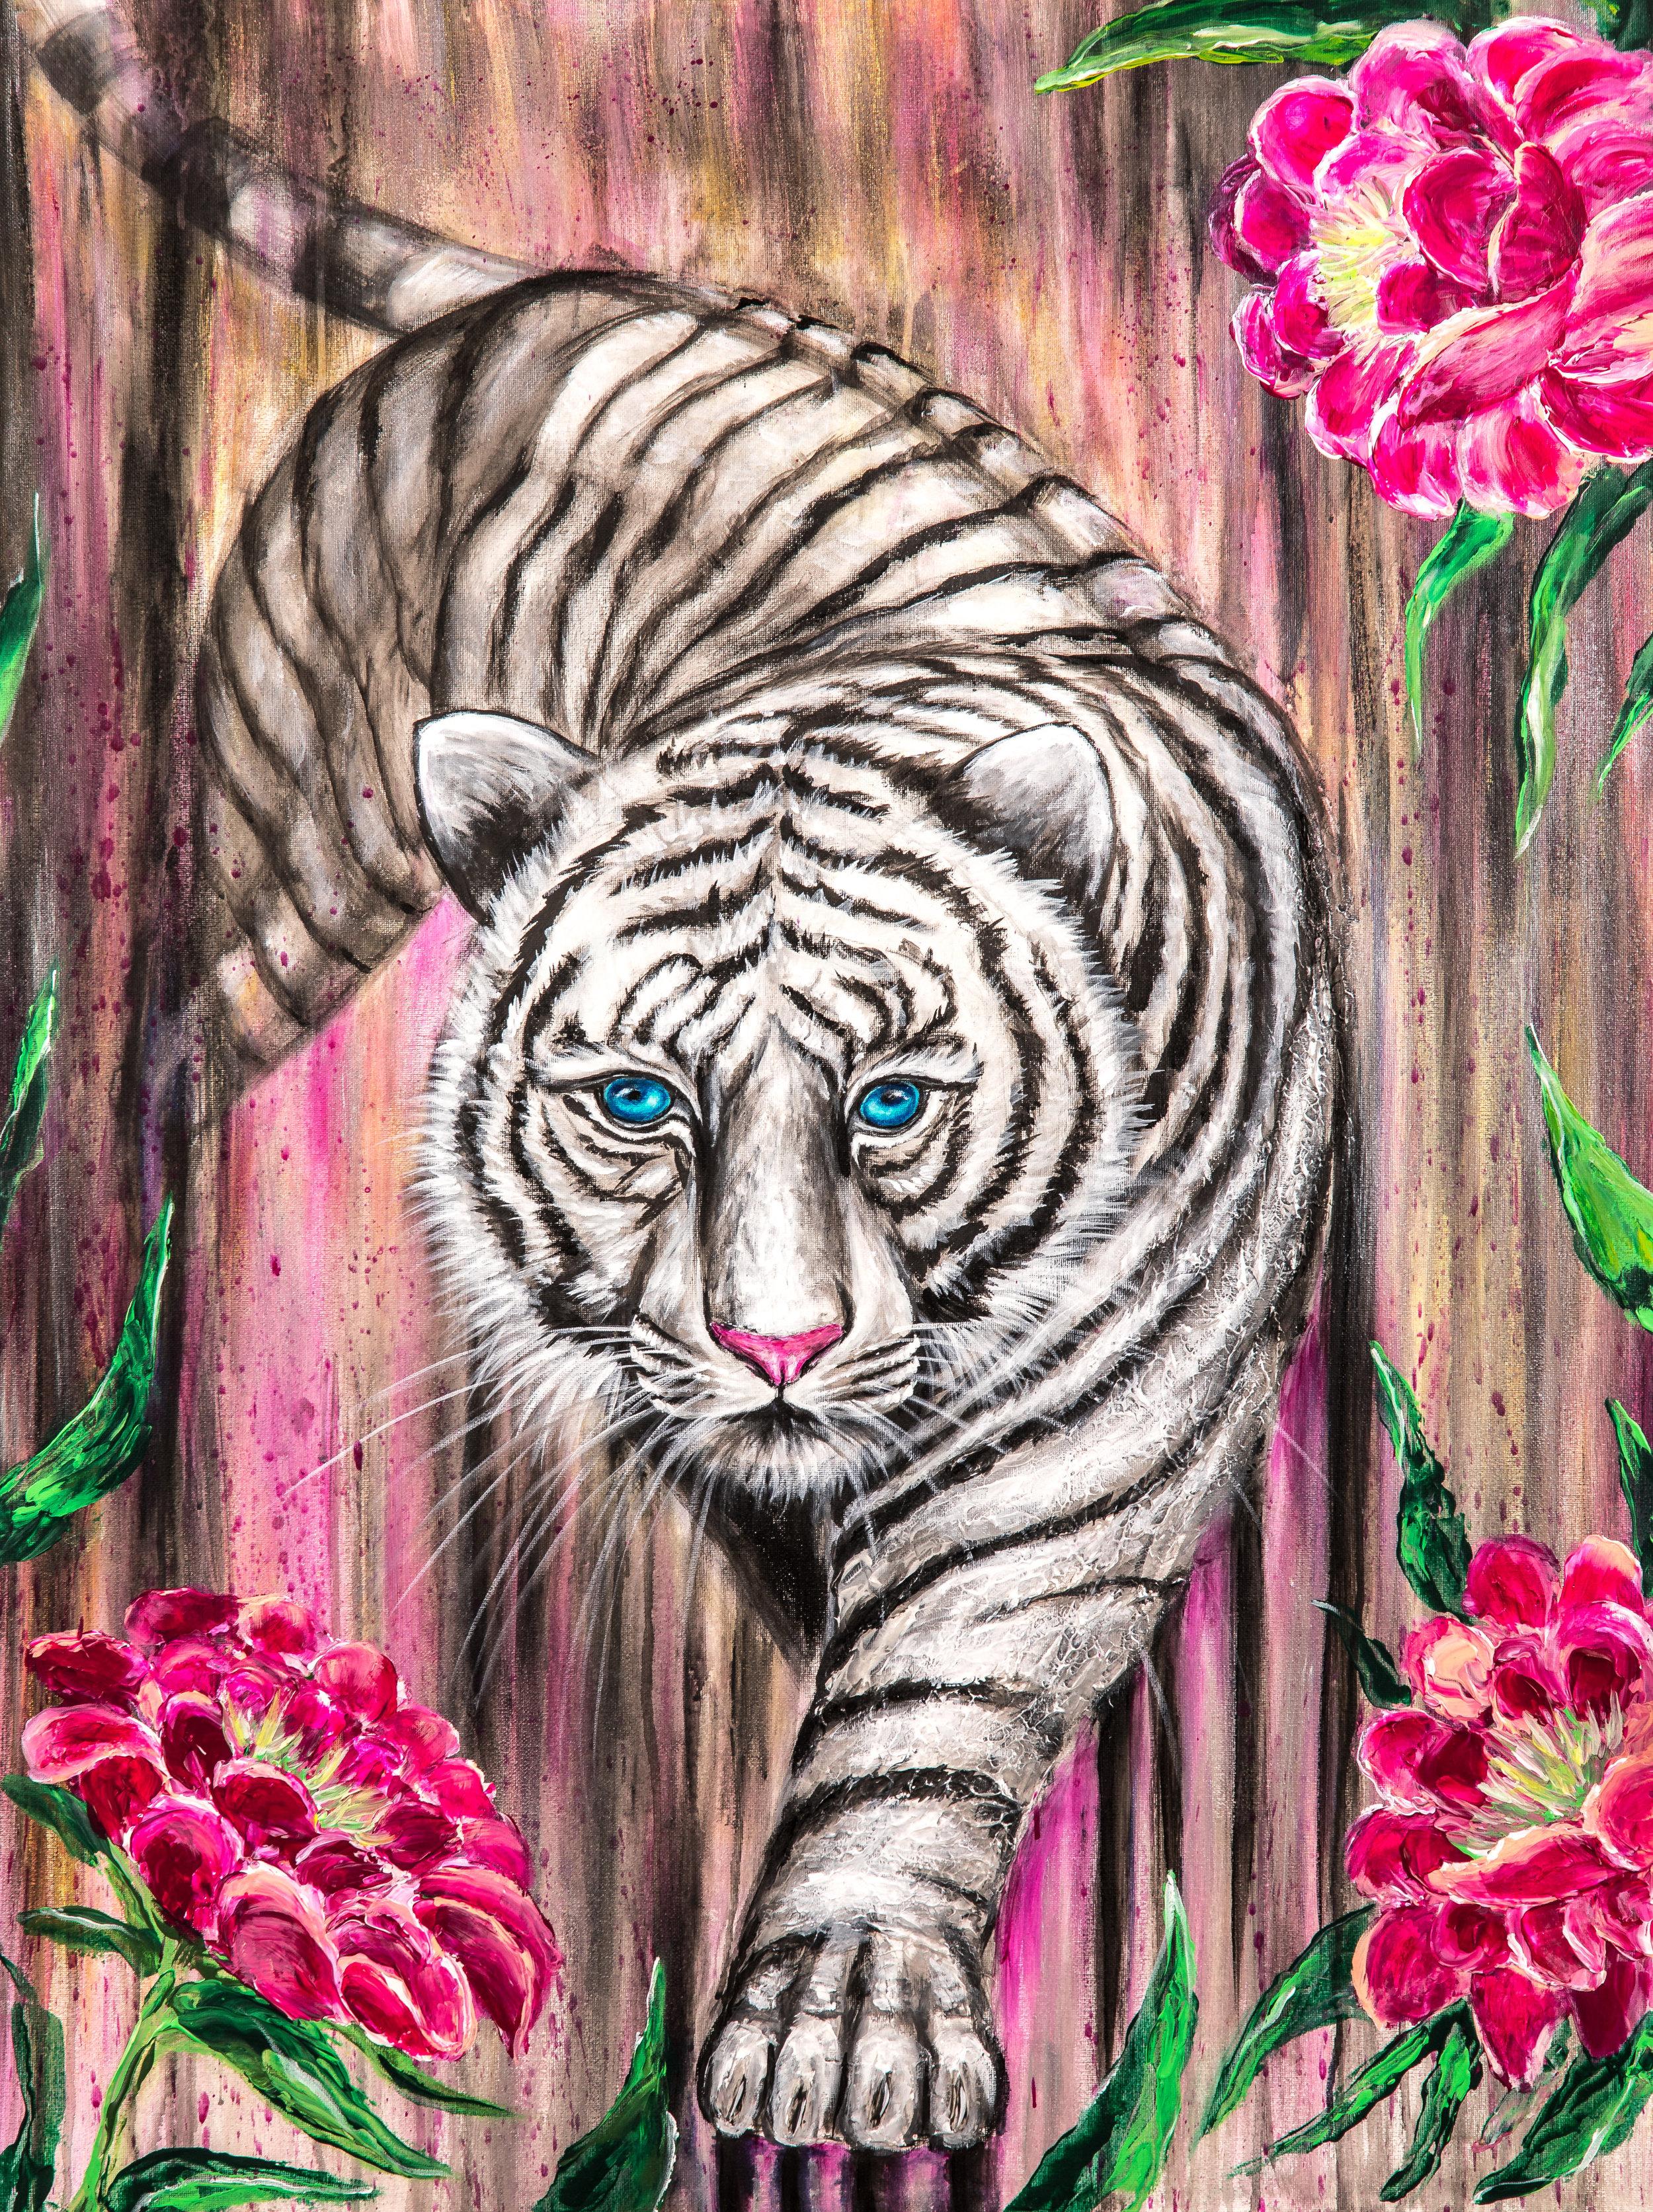 La tigresse dans son jardin:  Peinture acrylique sur toile 3D, 100cm x 75cm  Prix: 1100€ + frais de livraison